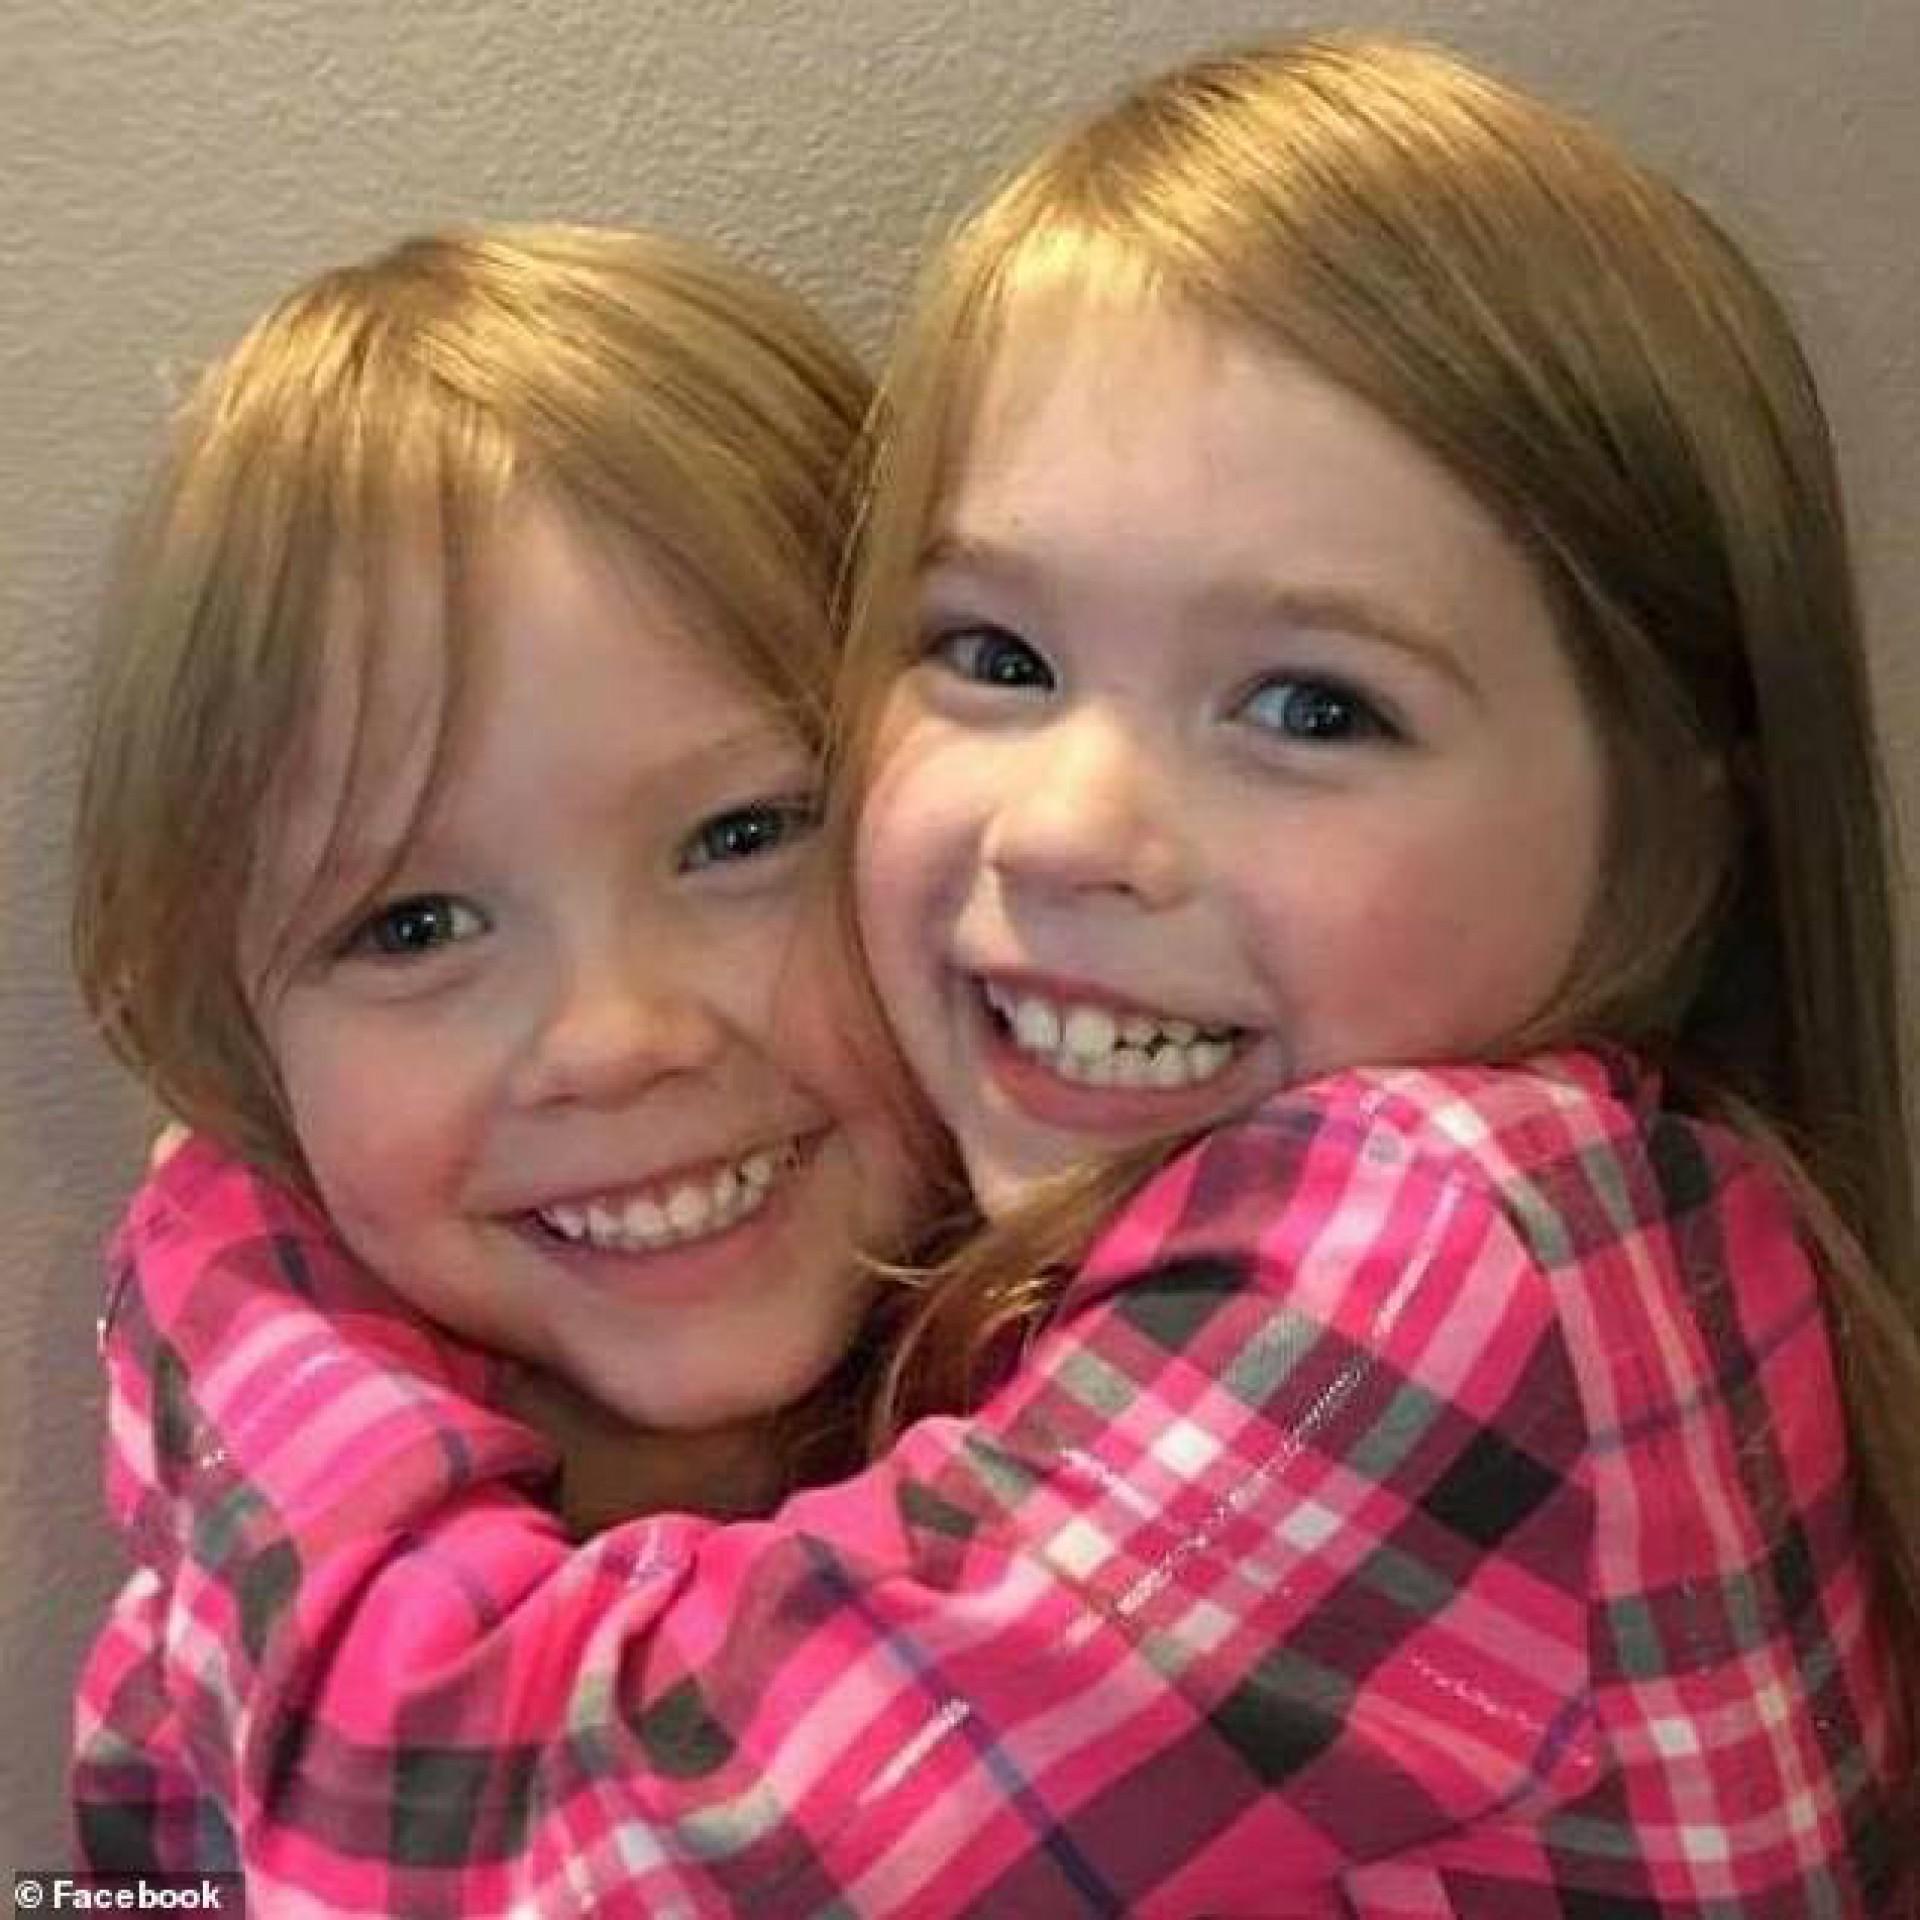 Mãe matou gêmeas enquanto dormiam e se suicidou em seguida - Reprodução Facebook